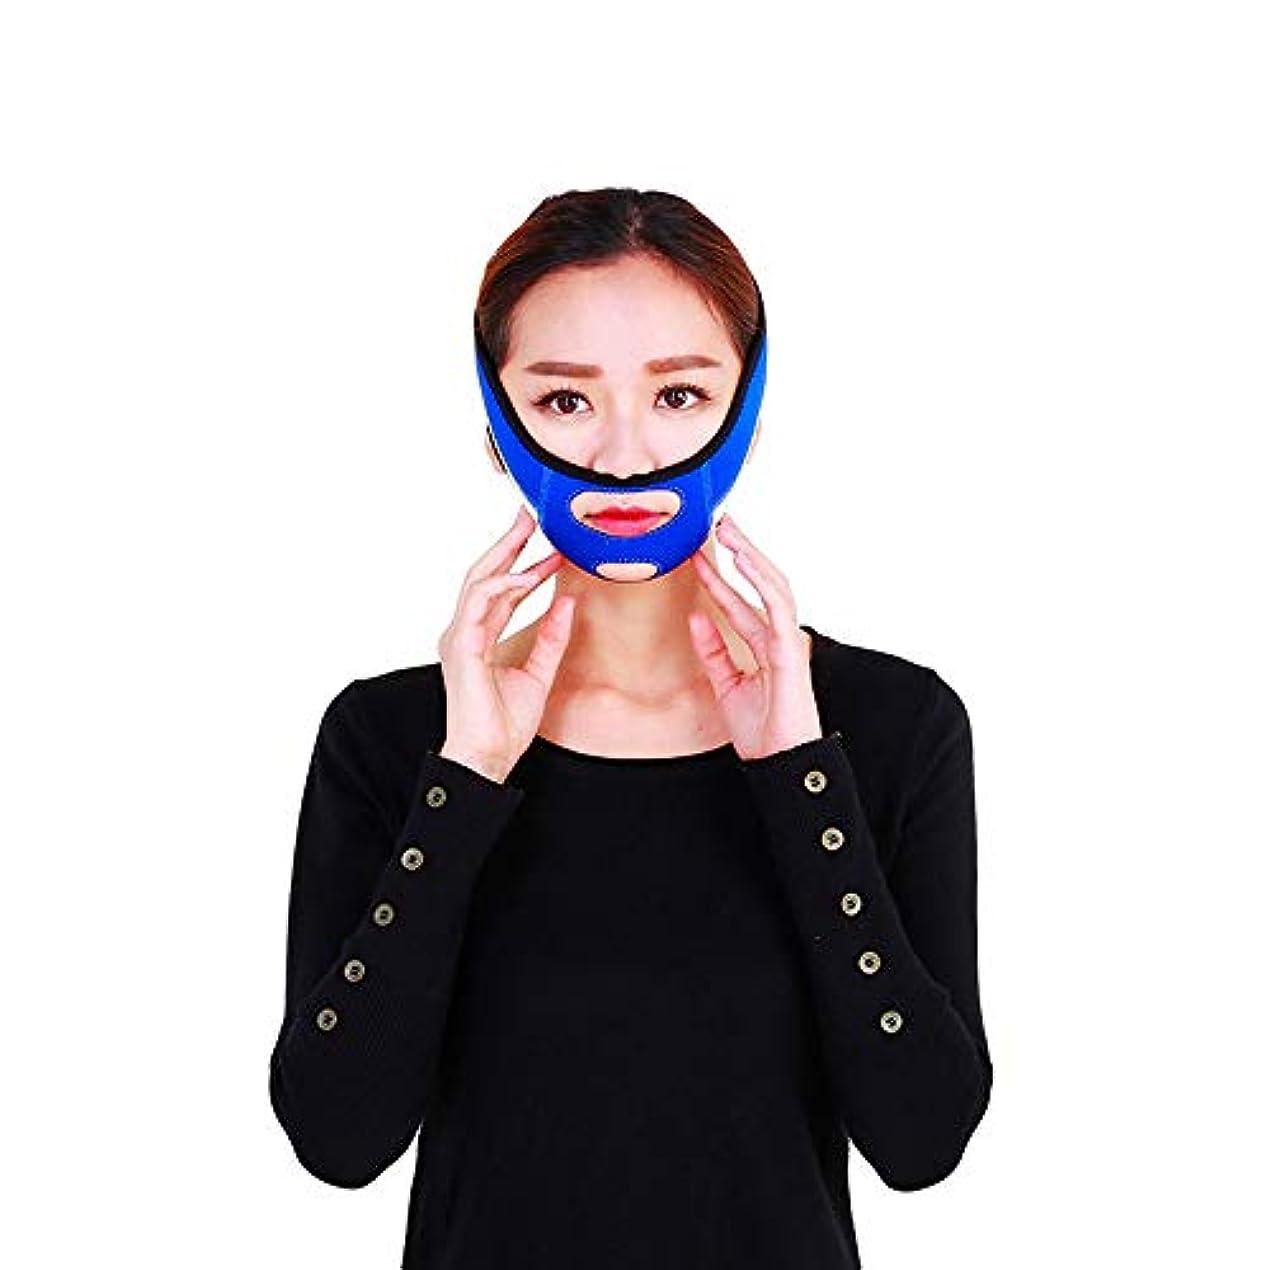 受益者蛾挨拶するXINGZHE フェイシャルリフティング痩身ベルトフェーススリム二重あごを取り除くアンチエイジングリンクルフェイス包帯マスク整形マスクが顔を引き締める フェイスリフティングベルト